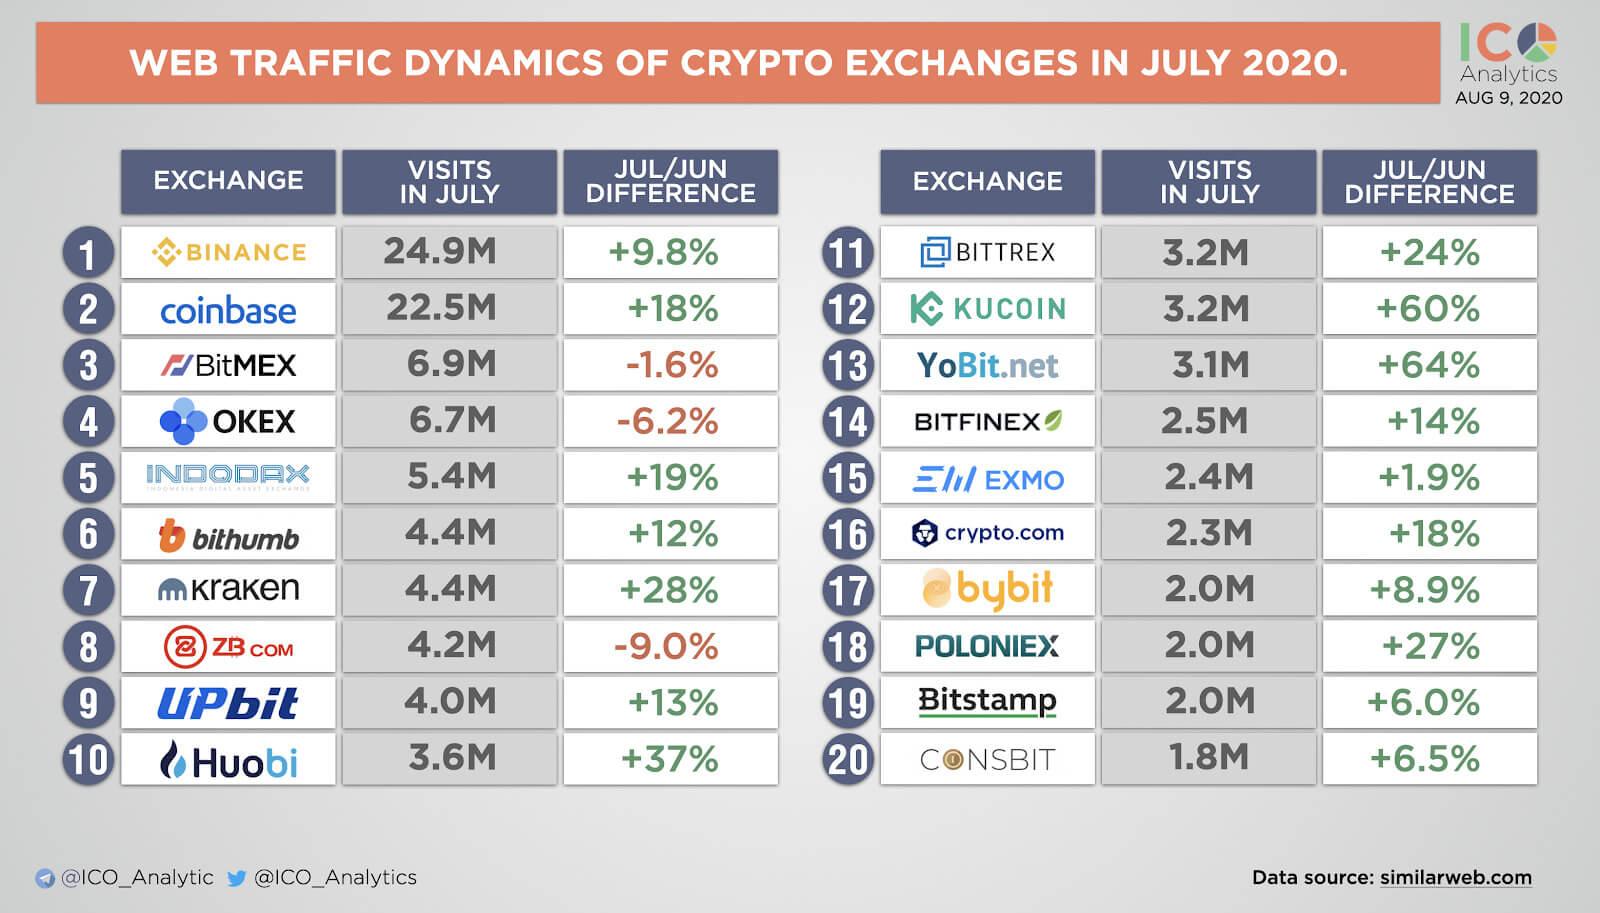 биржи криптовалюты трейдинг блокчейн